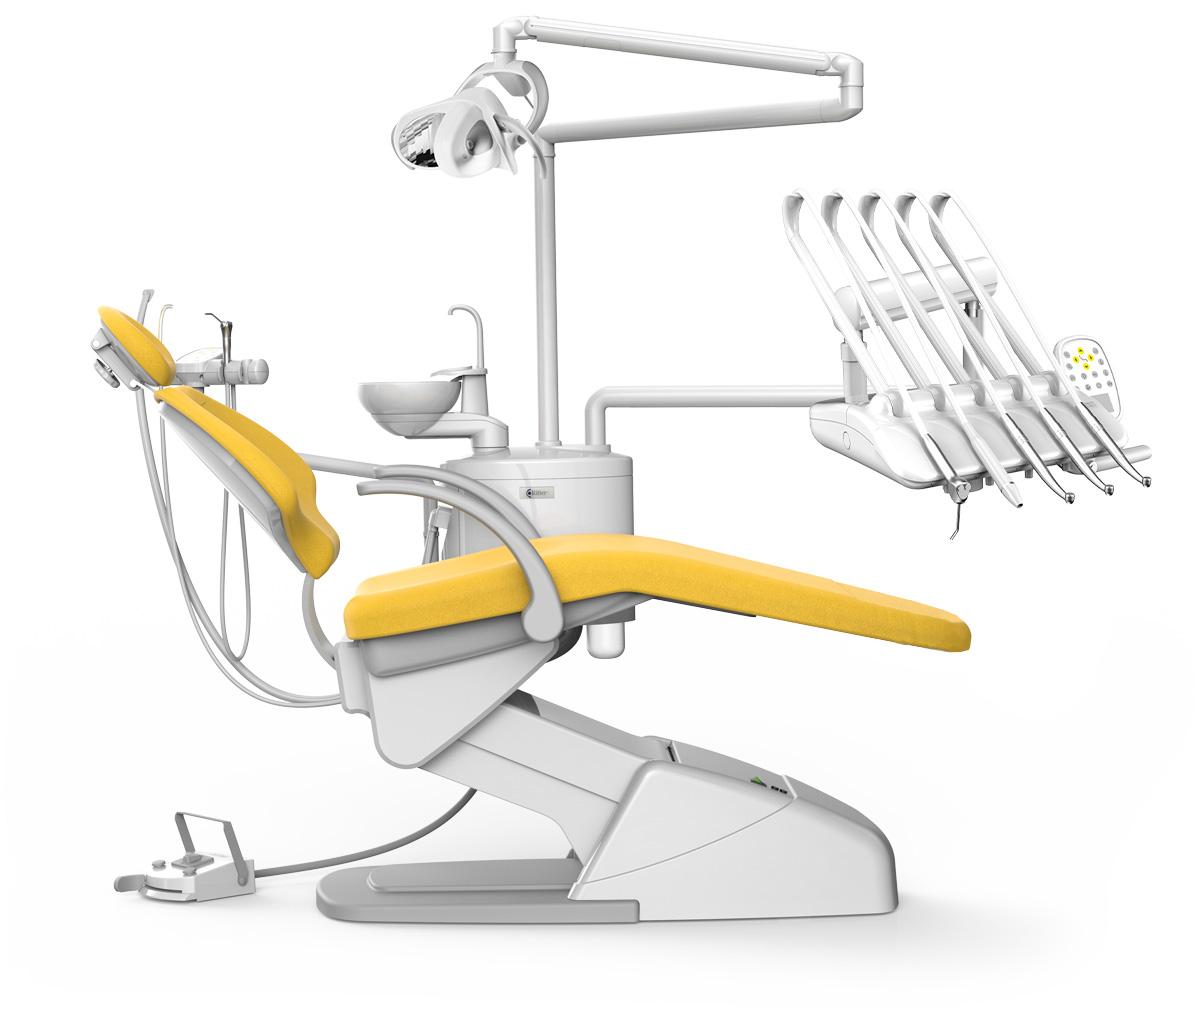 Ritter Ultimate - стоматологическая установка с верхней подачей инструментов, купить в GREEN DENT, акции и специальные цены.